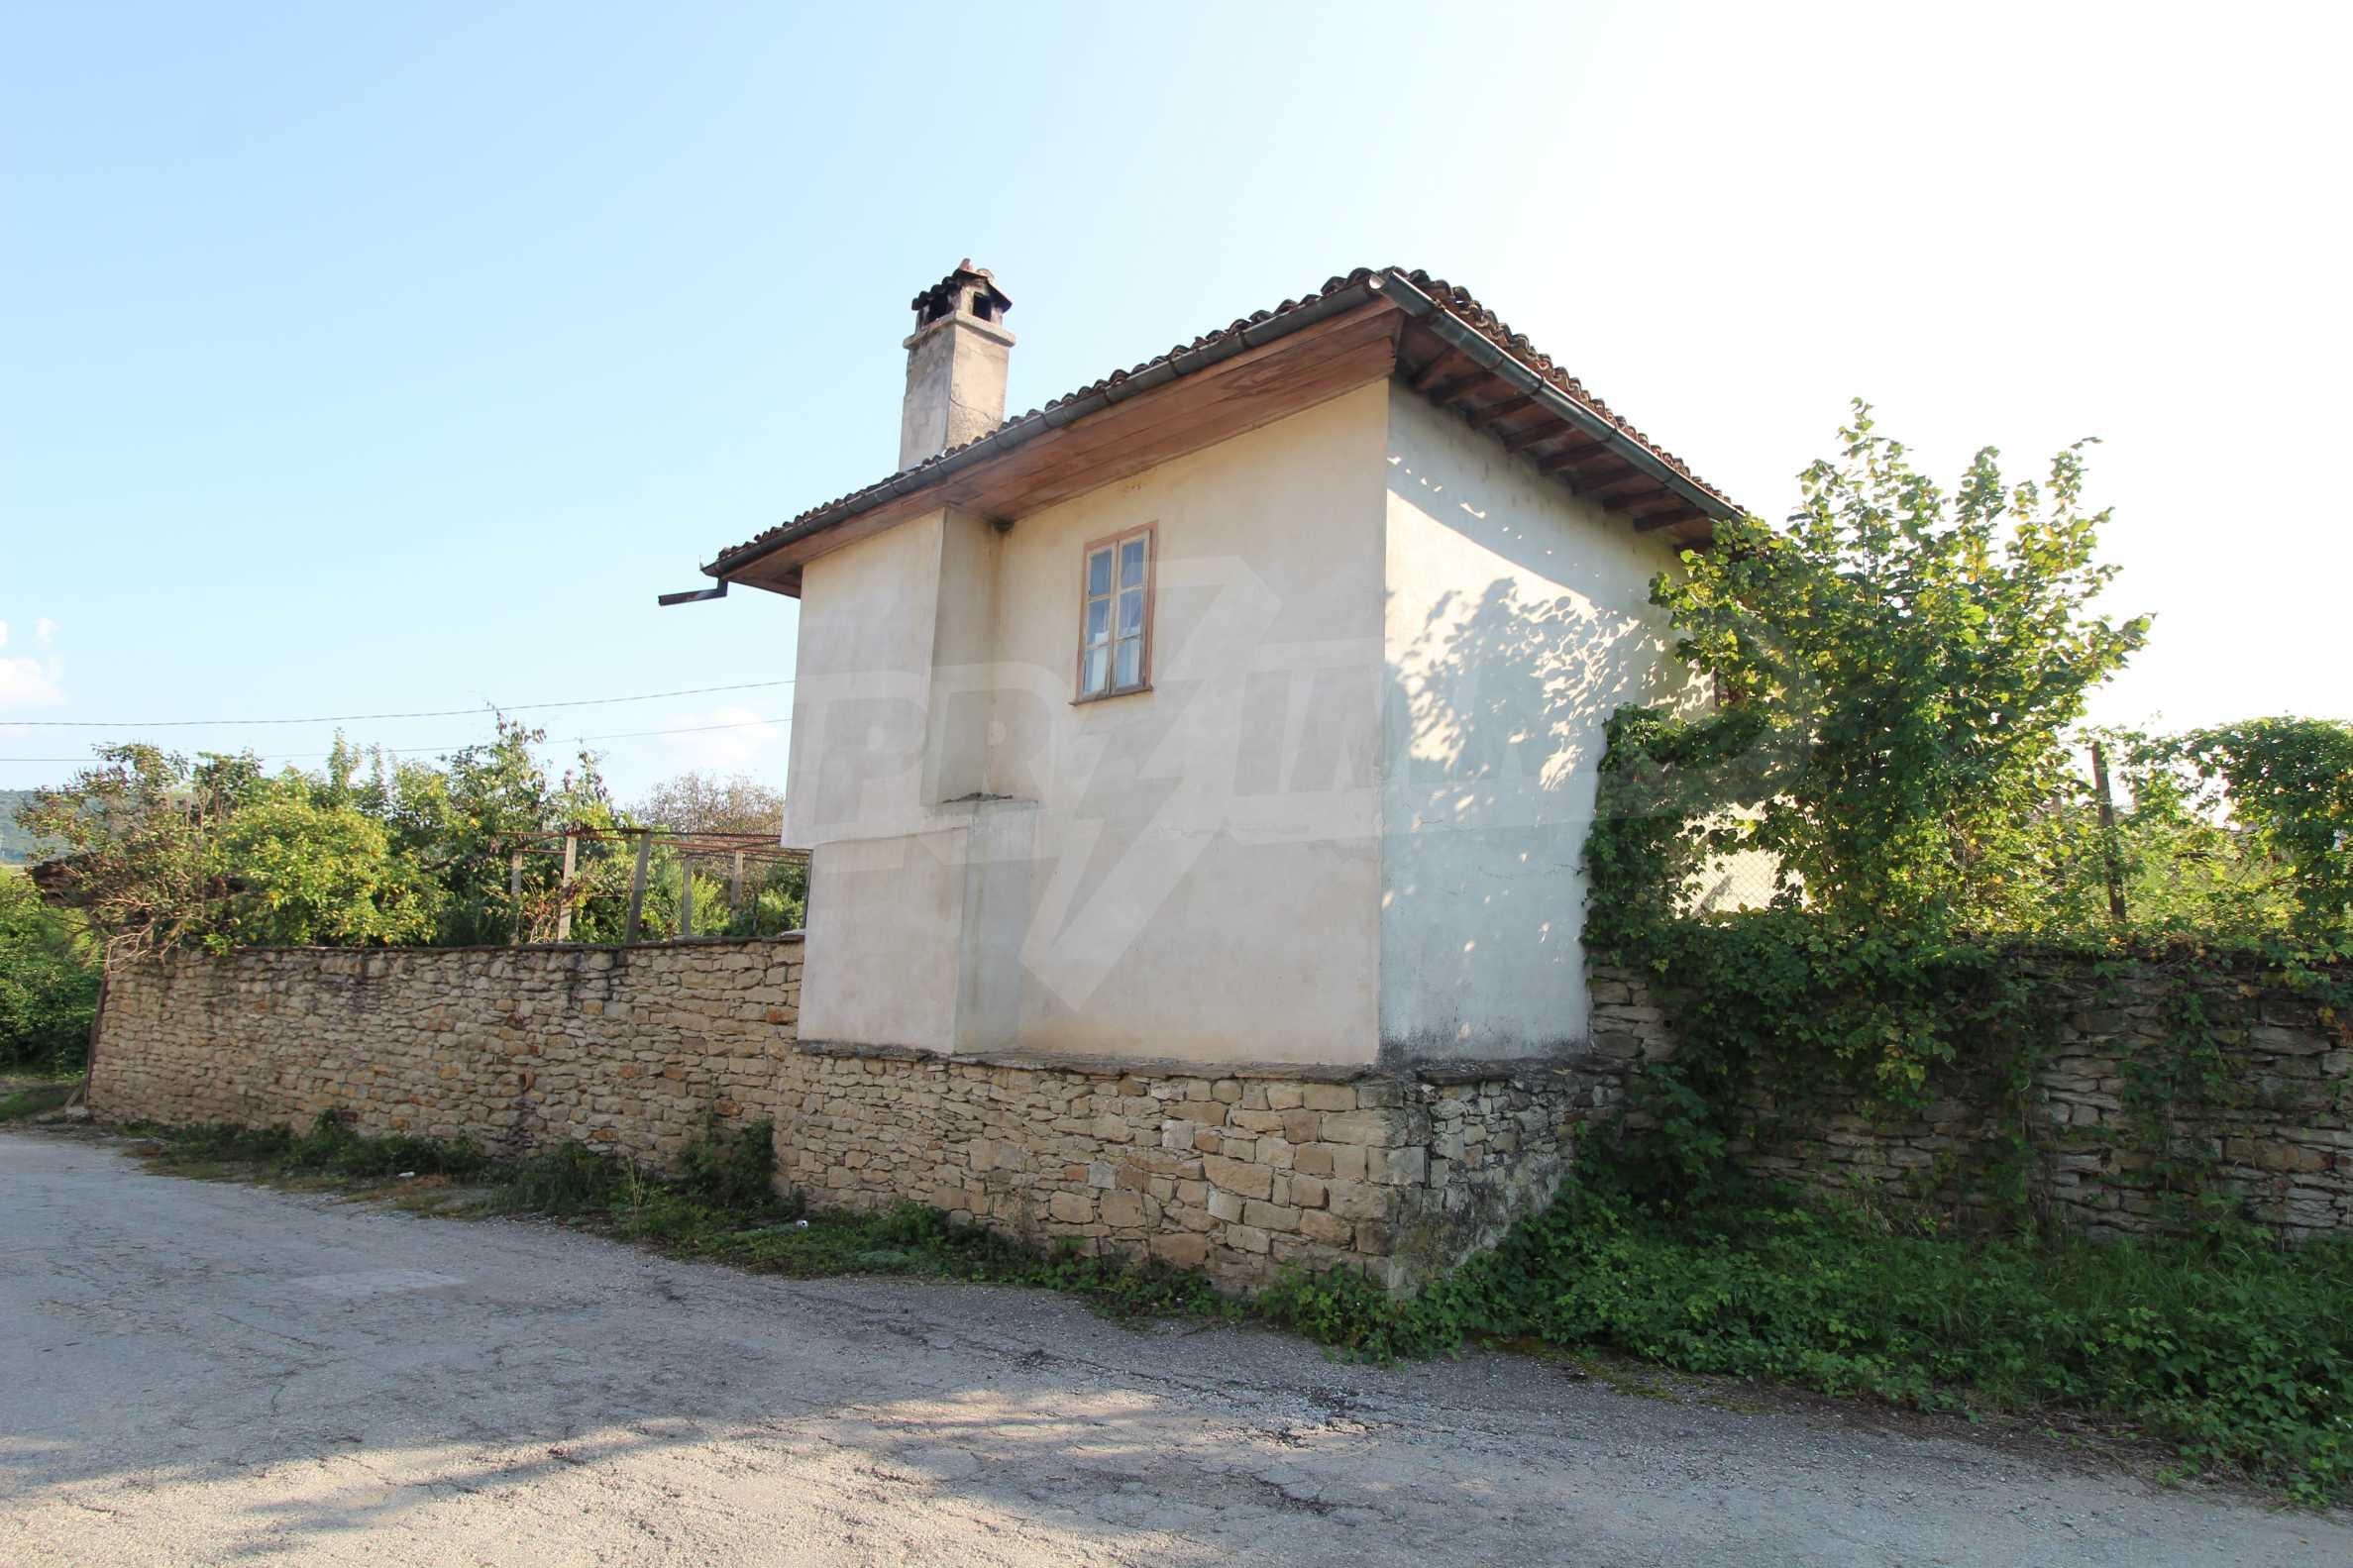 Zweistöckiges Haus mit Hof, 3 km von Weliko Tarnowo entfernt 3